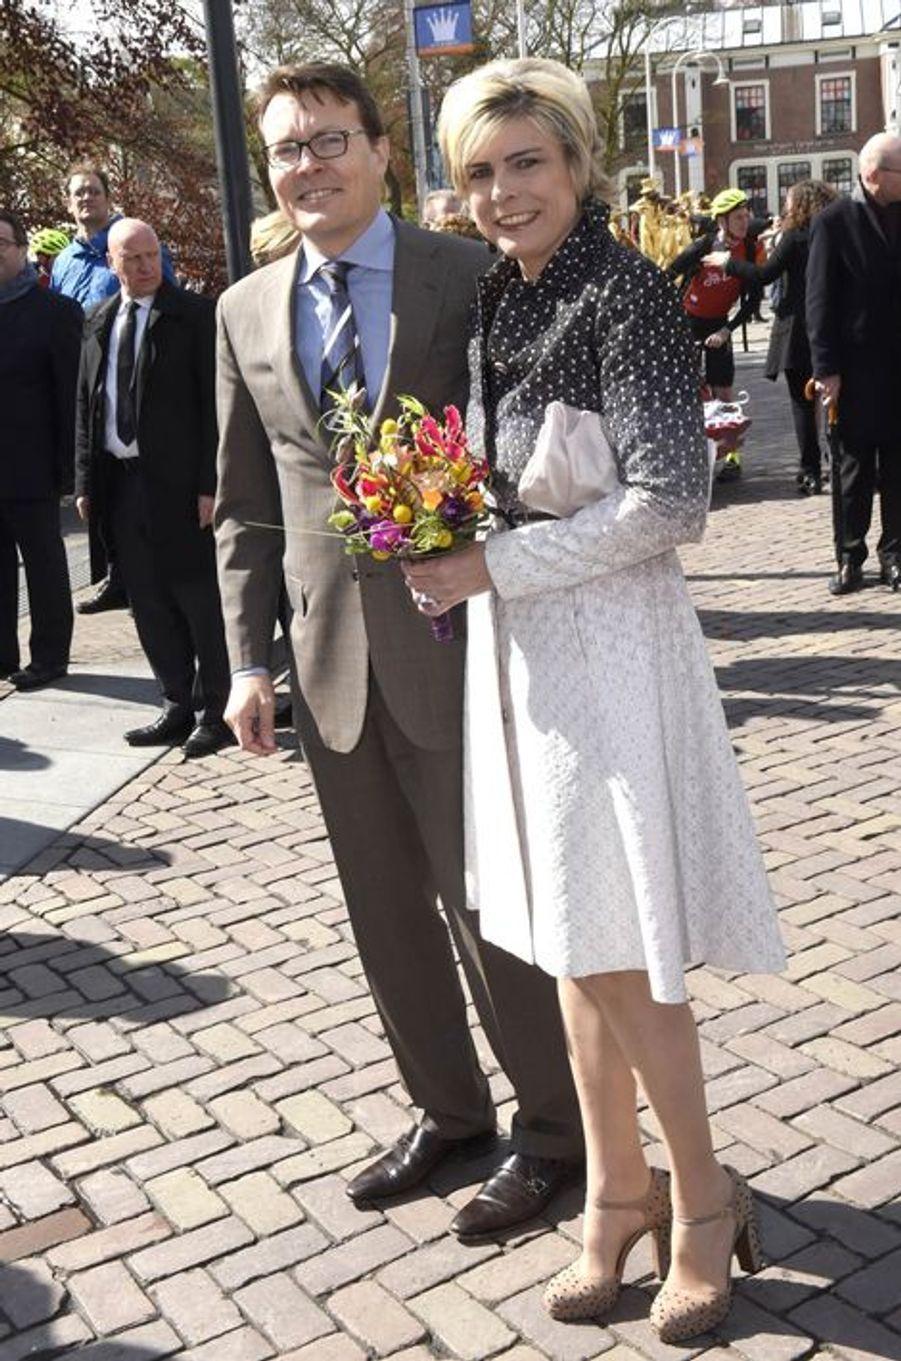 Le prince Constantijn et la princesse Laurentien des Pays-Bas à Zwolle, le 27 avril 2016